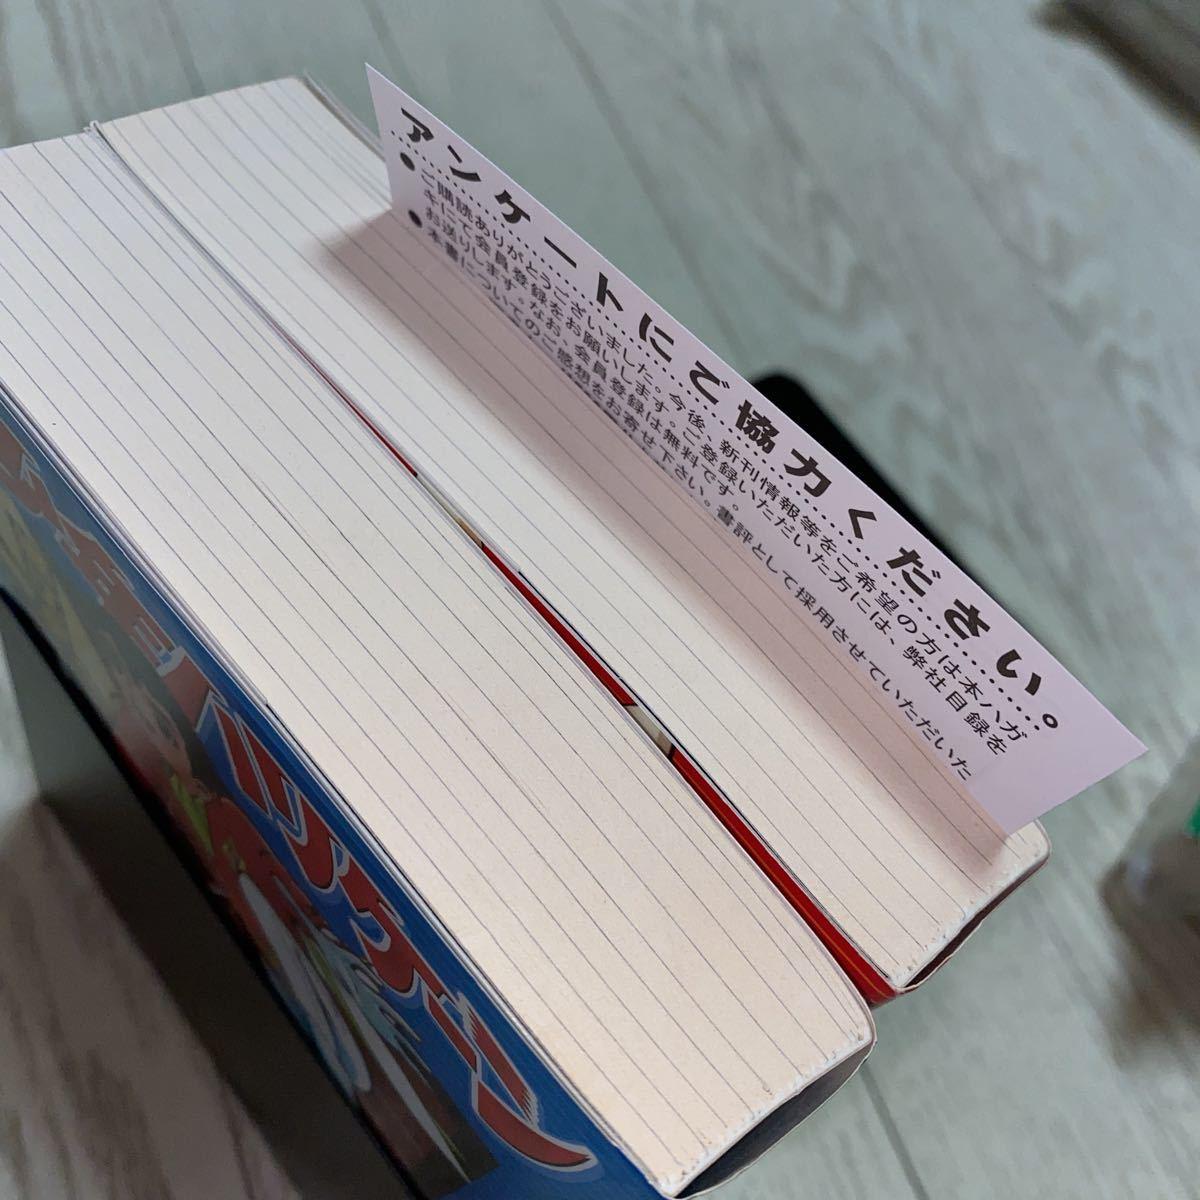 アンケート用紙 帯付き 全巻 初版 MSS 少年ハリケーン 完全版 上下巻 堀江卓 定価税抜3600円